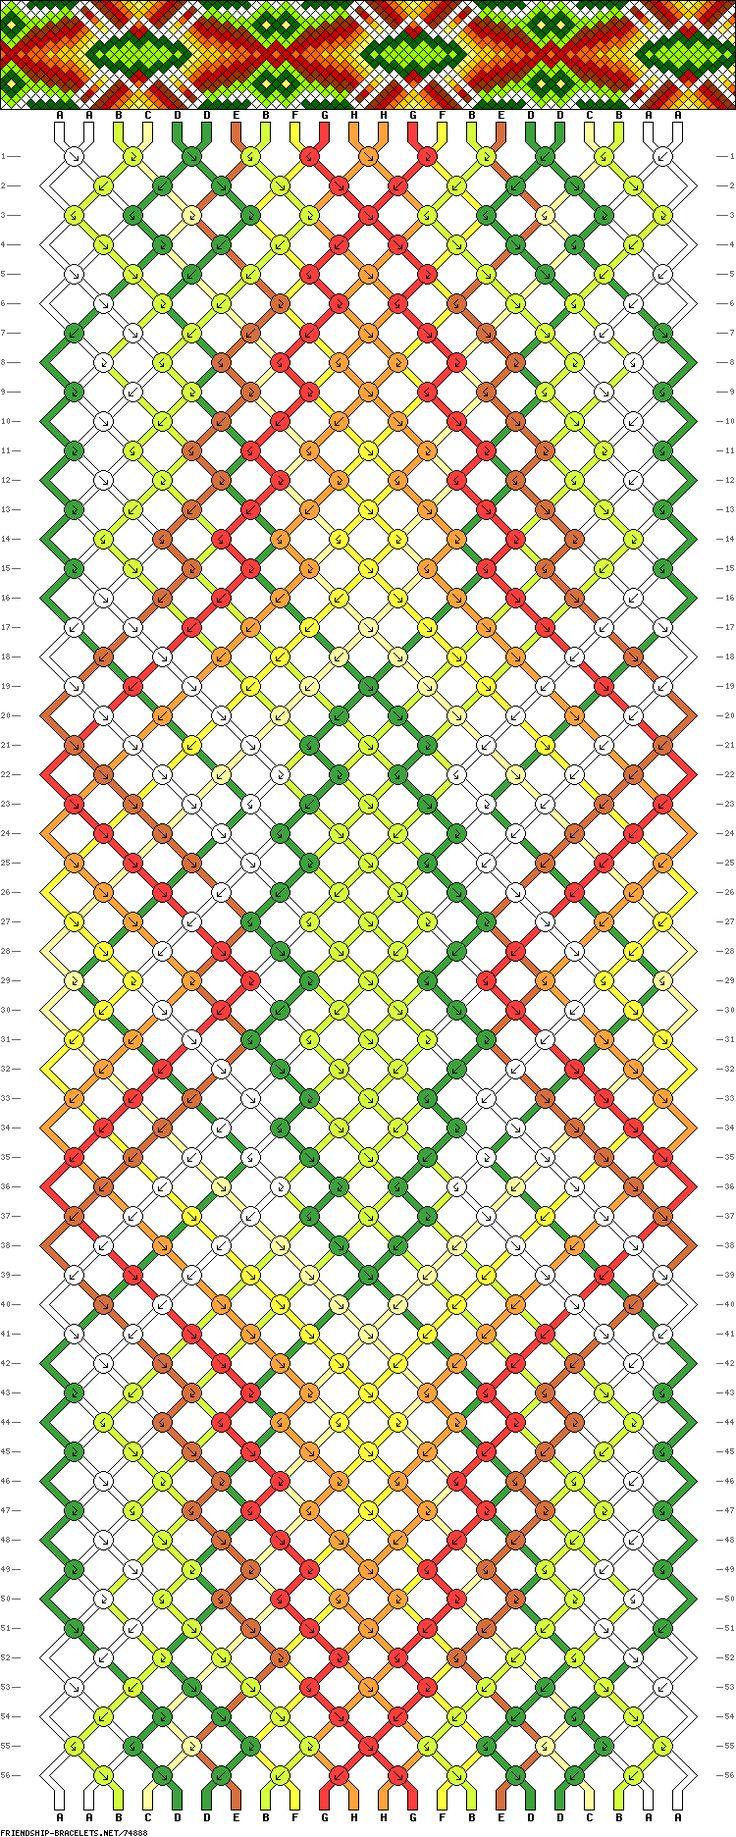 Muster # 74888, Streicher: 22 Zeilen: 56 Farben: 8